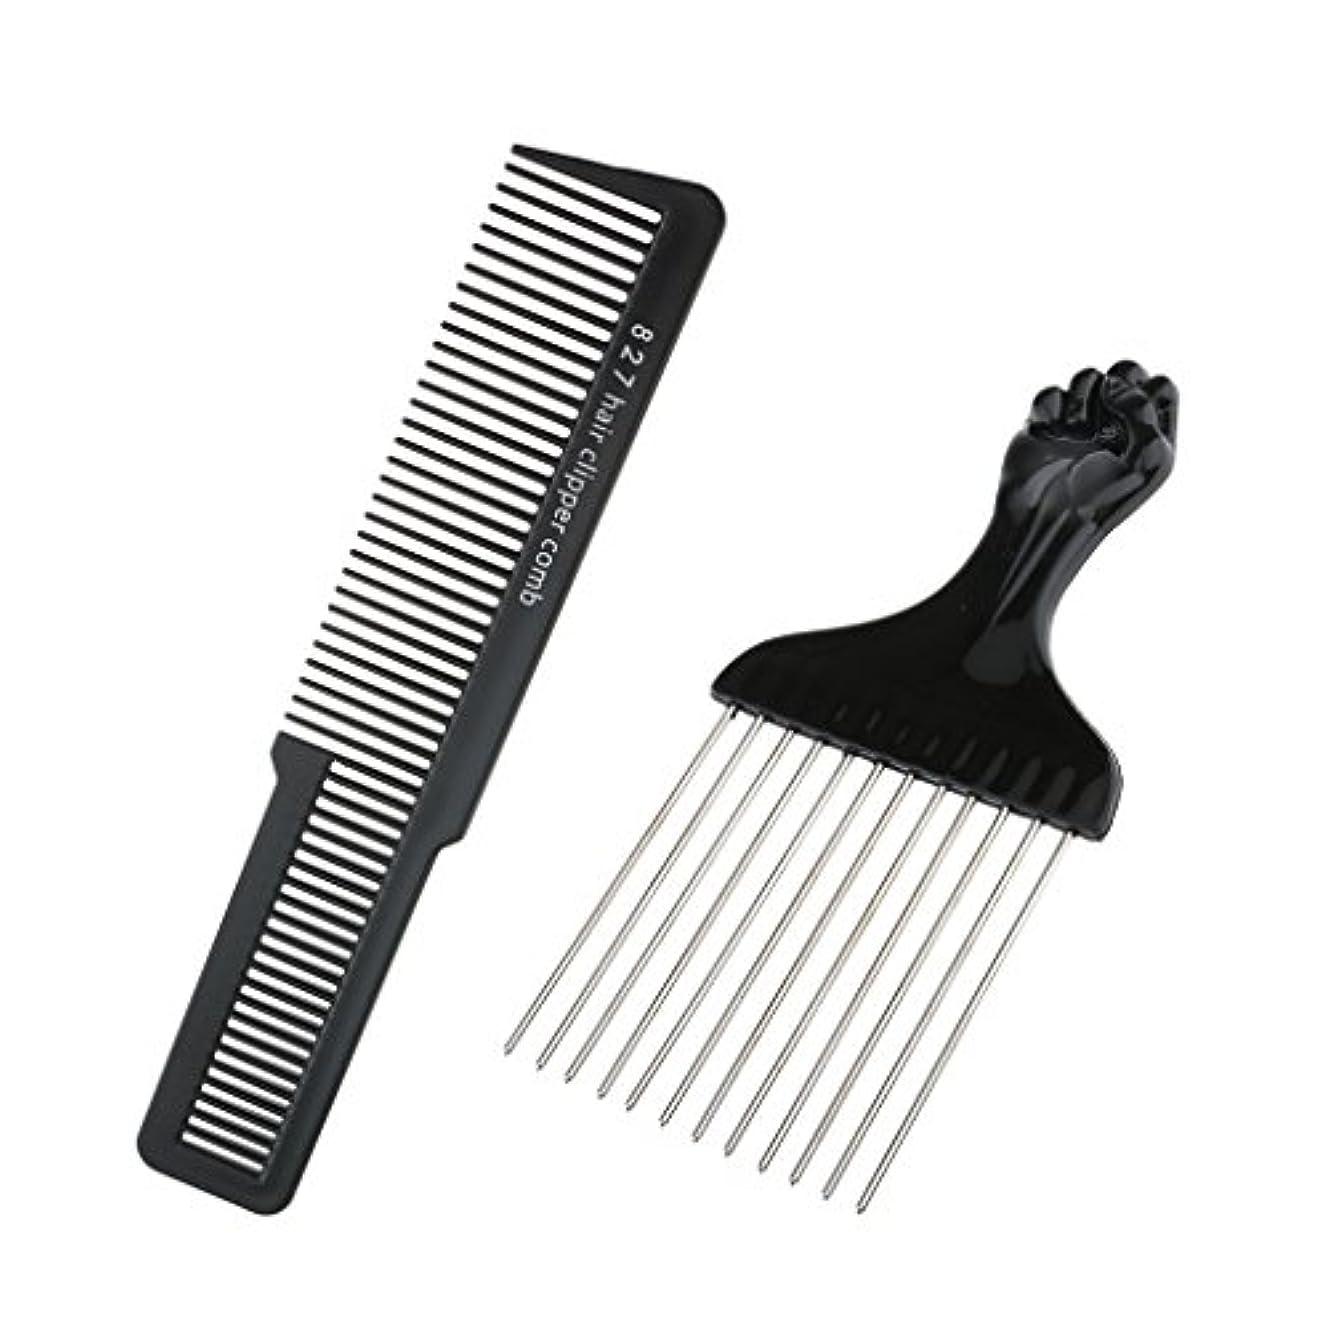 カップ元の増幅する美容院の理髪師のヘアスタイリングセットの毛の切断のクリッパーの櫛セットが付いている黒いステンレス鋼のアフロピックブラシ